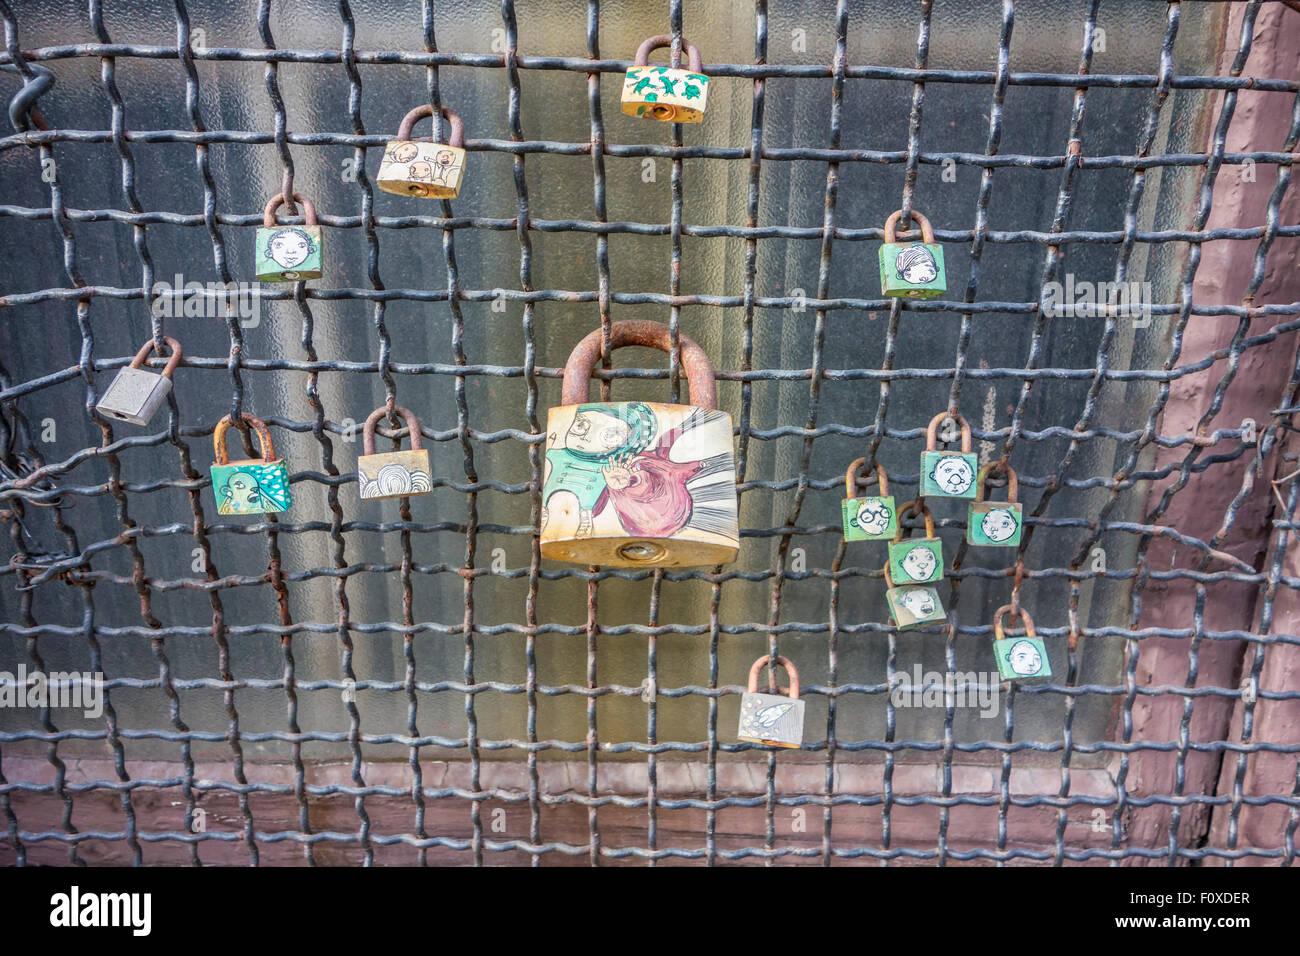 Berühmt Gemalter Stall Mit Maschendraht Bilder - Elektrische ...